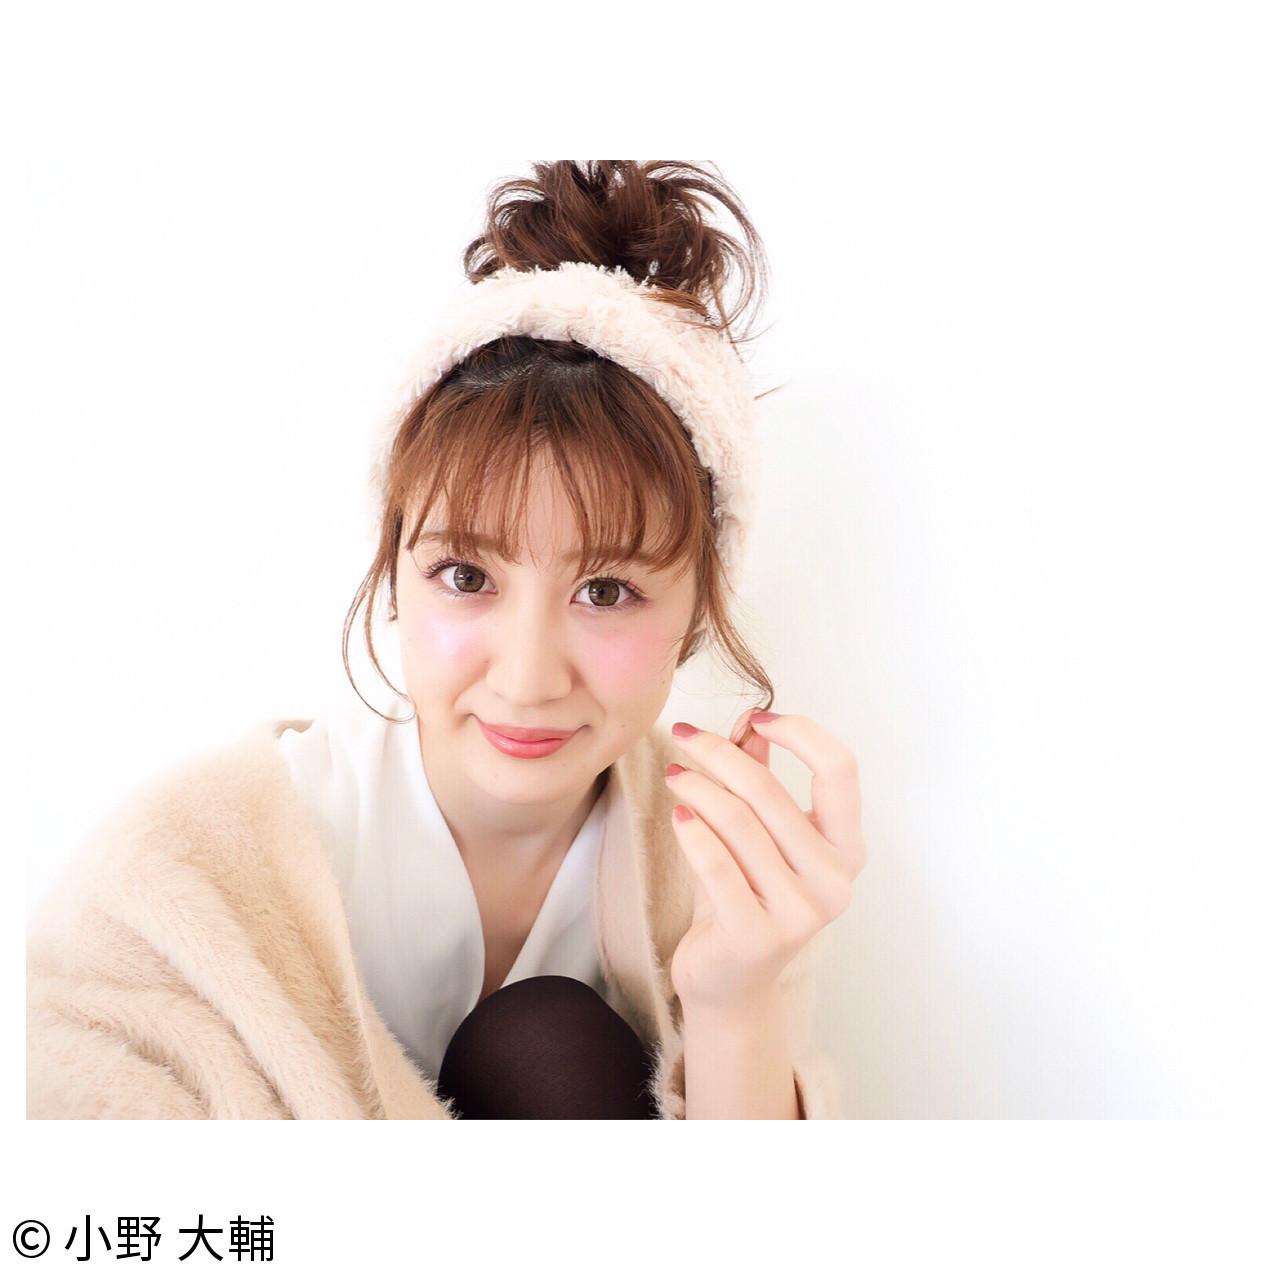 超簡単!オシャレでかわいい♡ヘアバンドを使ったアレンジスタイル 小野 大輔